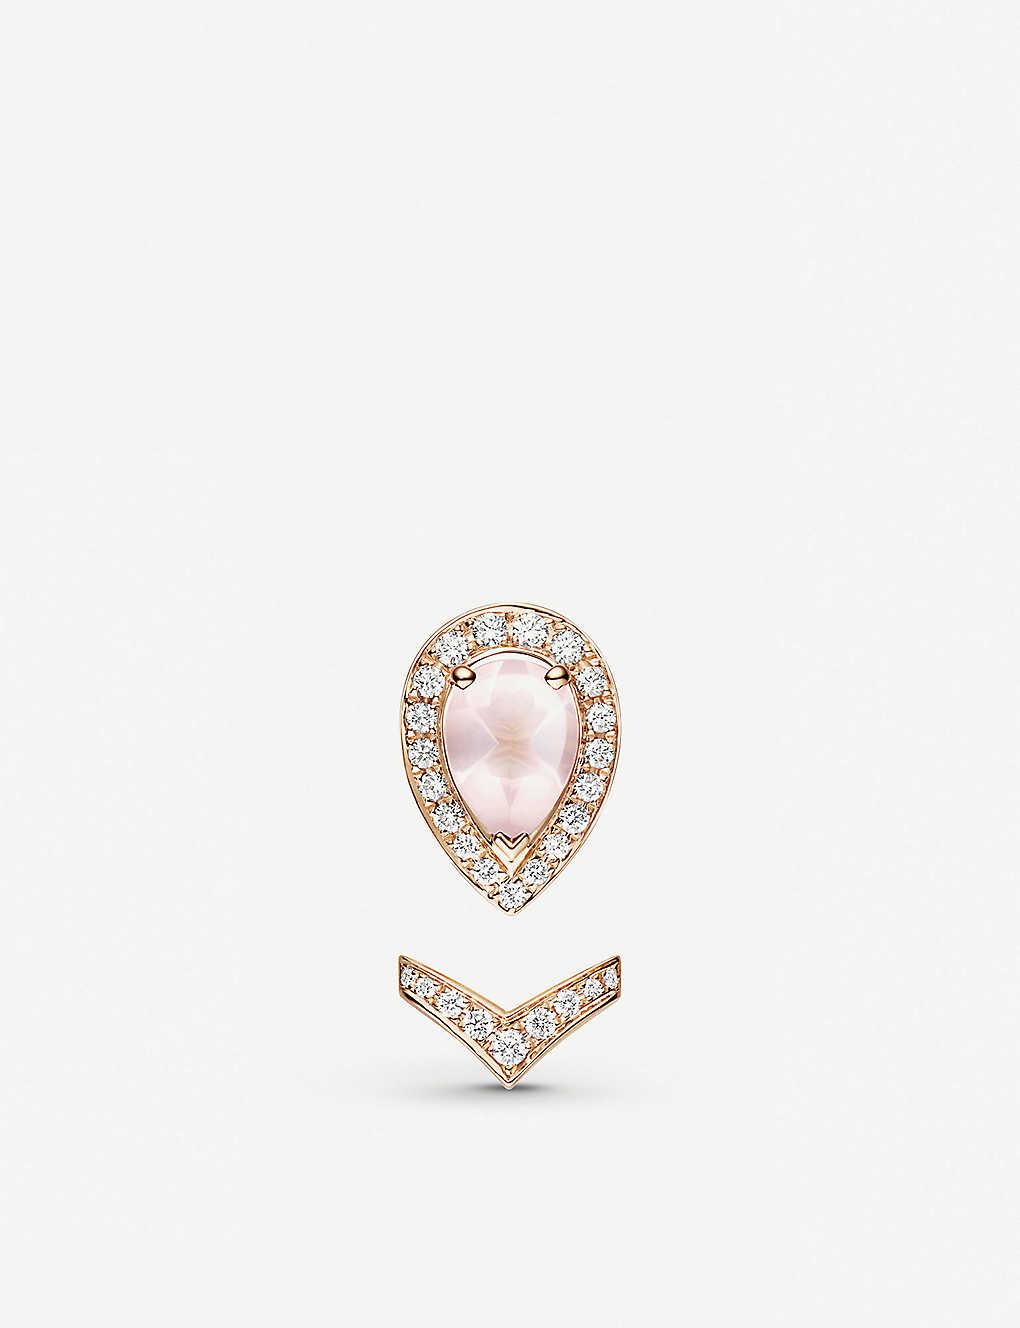 a228d3dd7 CHAUMET - Joséphine Aigrette 18ct rose-gold, pink quartz and ...